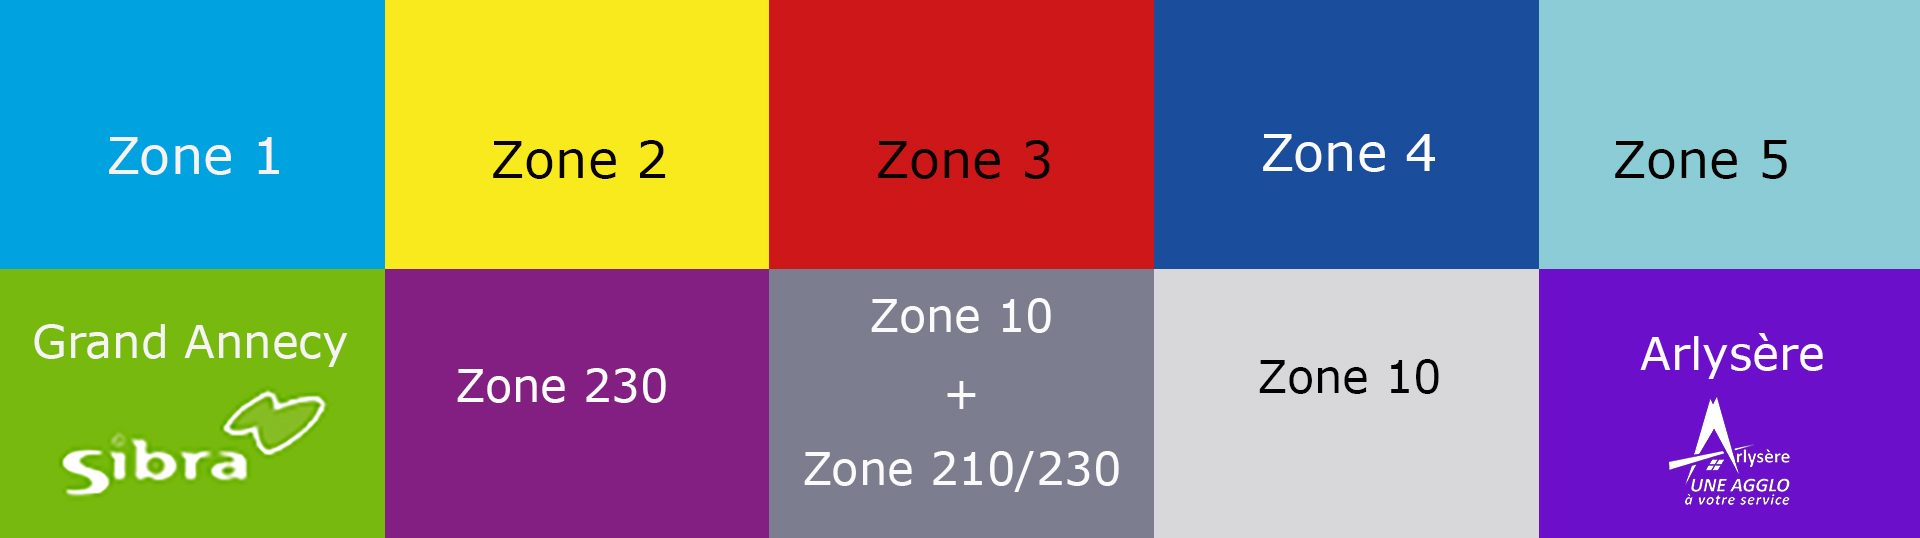 Zones Tarifaires